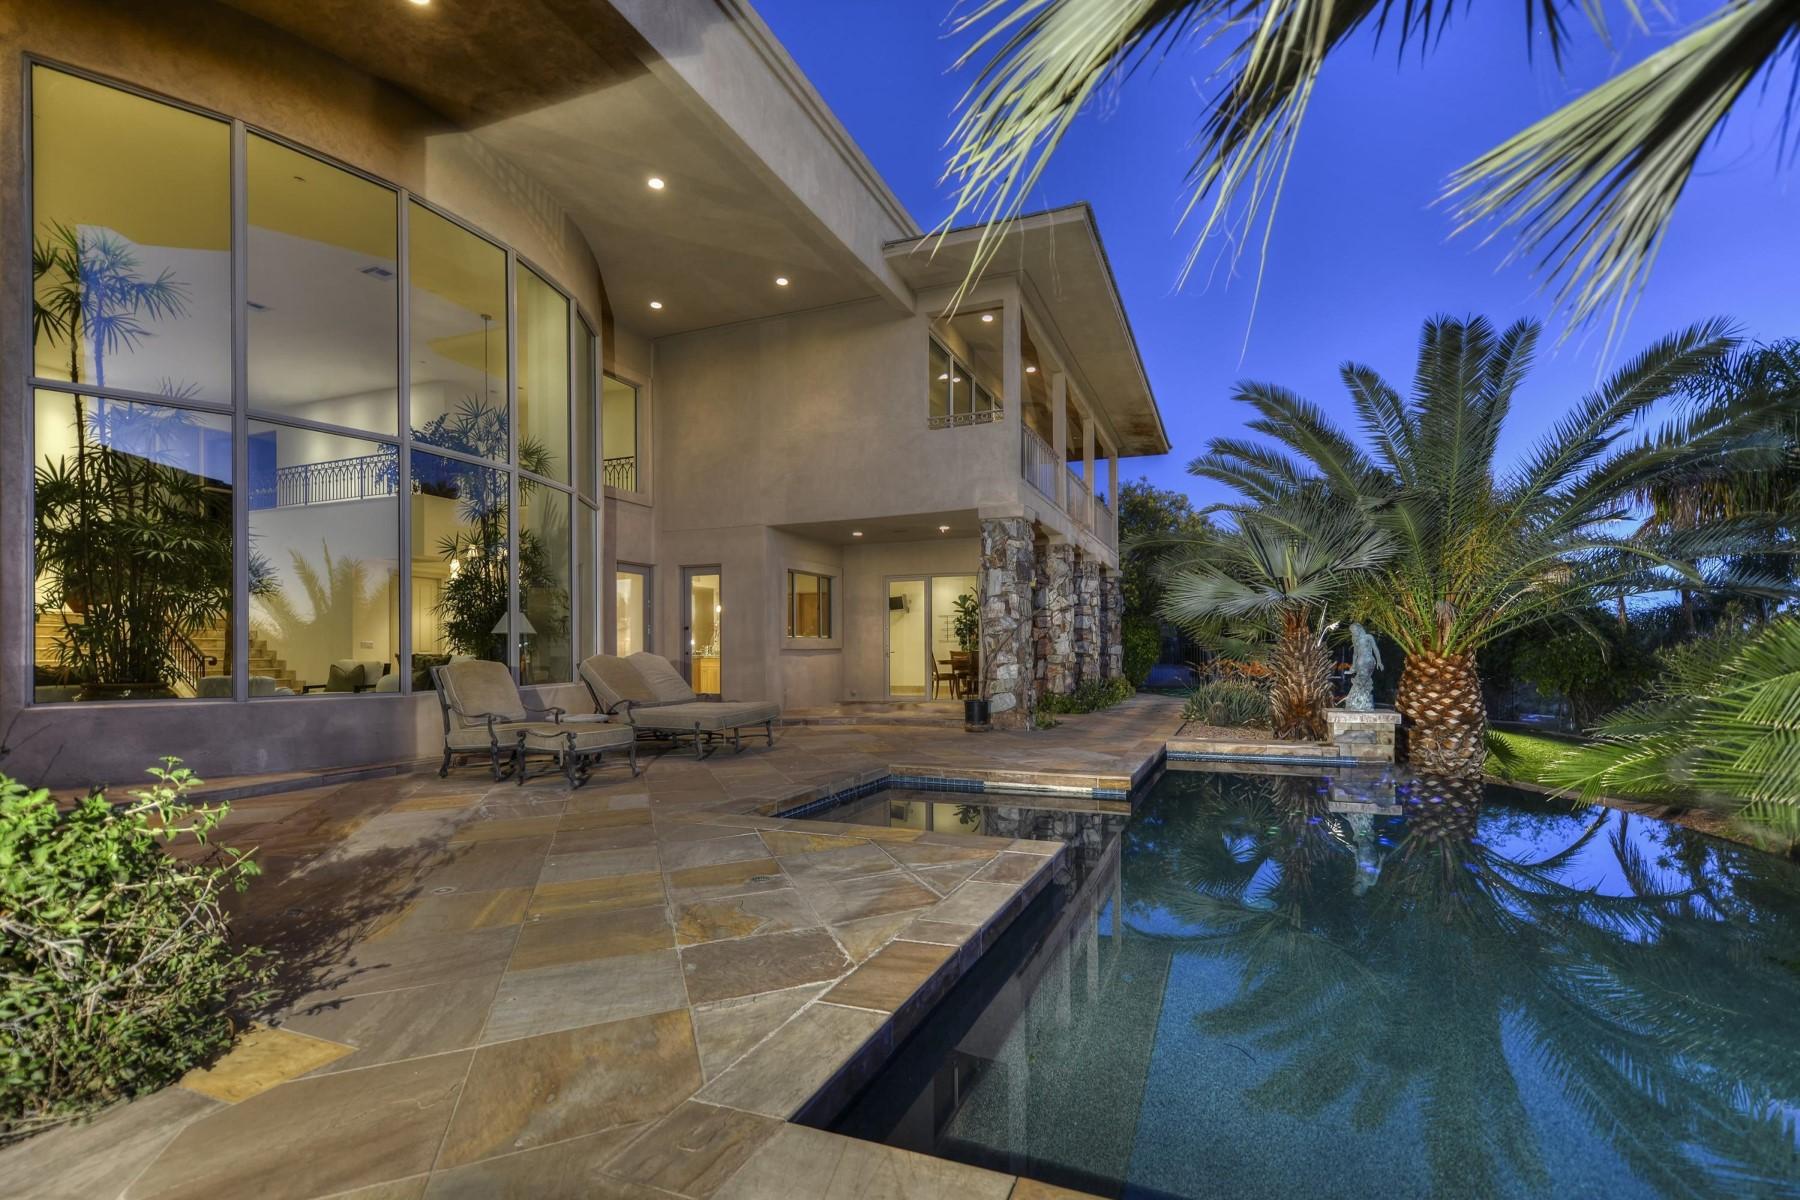 Maison unifamiliale pour l Vente à Stunning gated home with spectacular views 6038 N 44th St Paradise Valley, Arizona, 85253 États-Unis